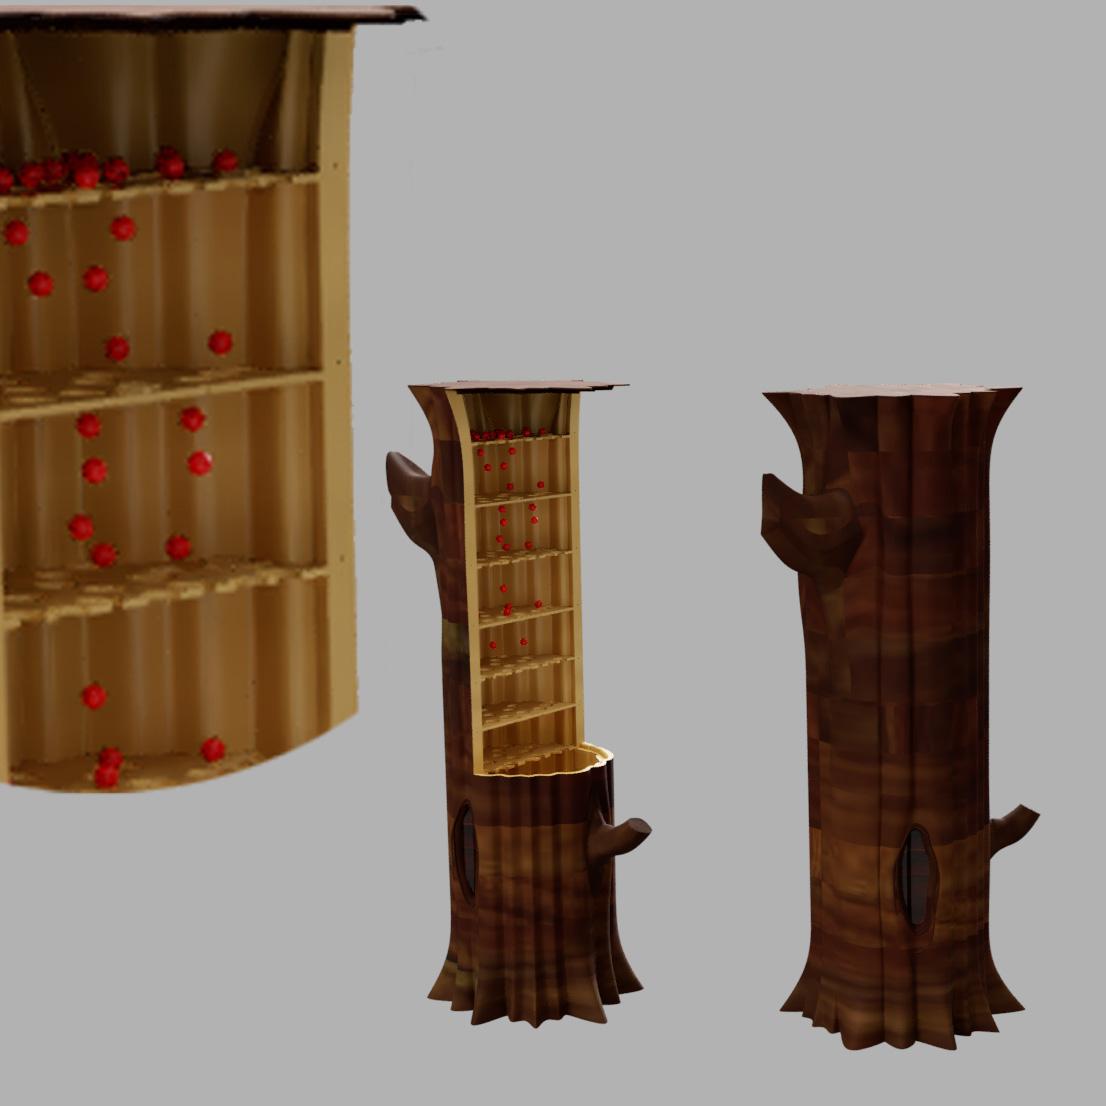 arbre à pluie.jpg Télécharger fichier STL gratuit Arbre à pluie • Objet imprimable en 3D, micaldez